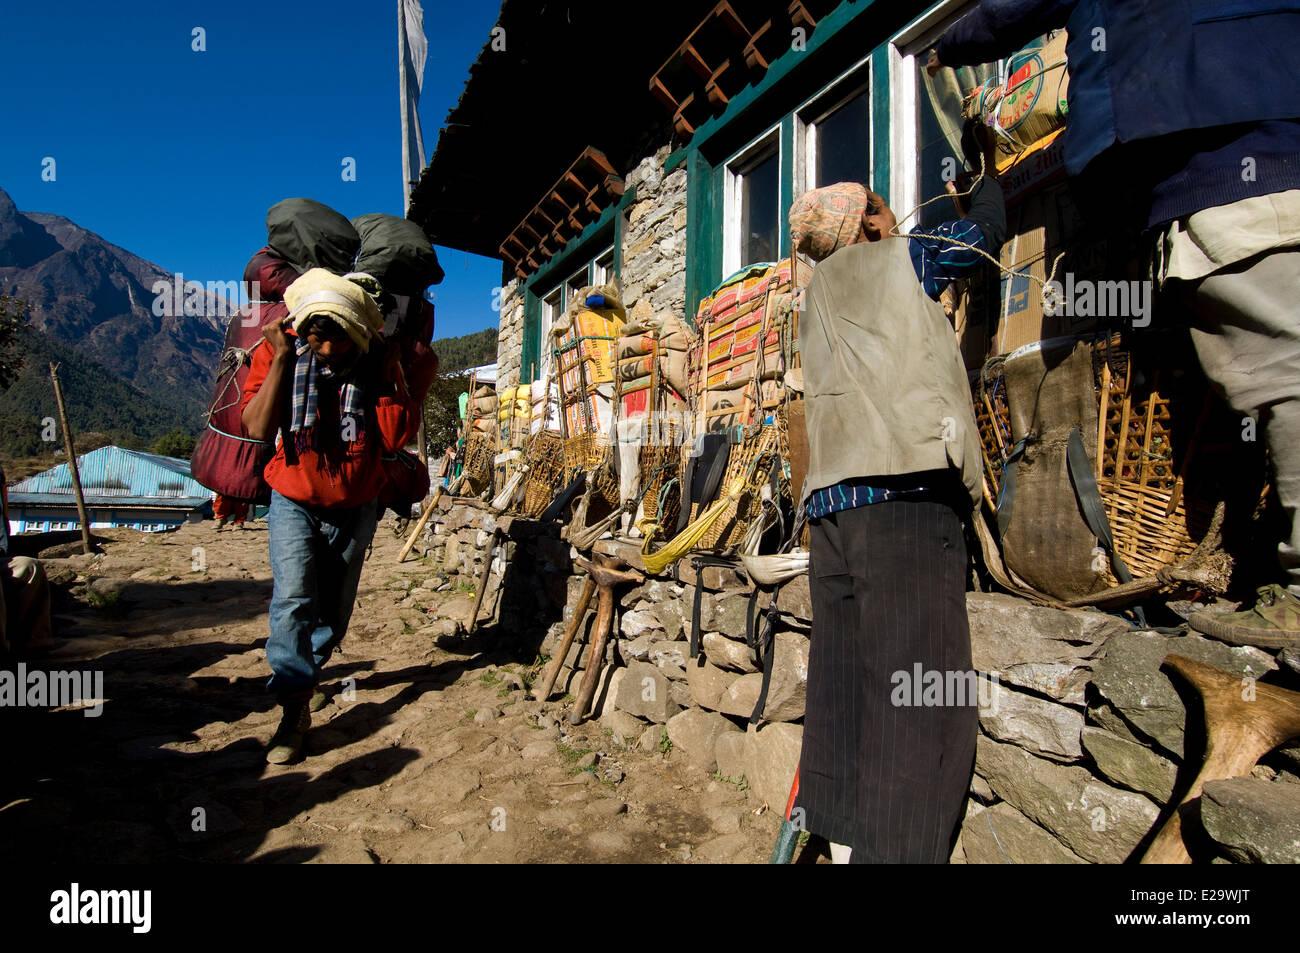 Nepal, Sagarmatha Zone, Khumbu Region, trek of the Everest Base Camp, arrival at the lodge of Phakding - Stock Image